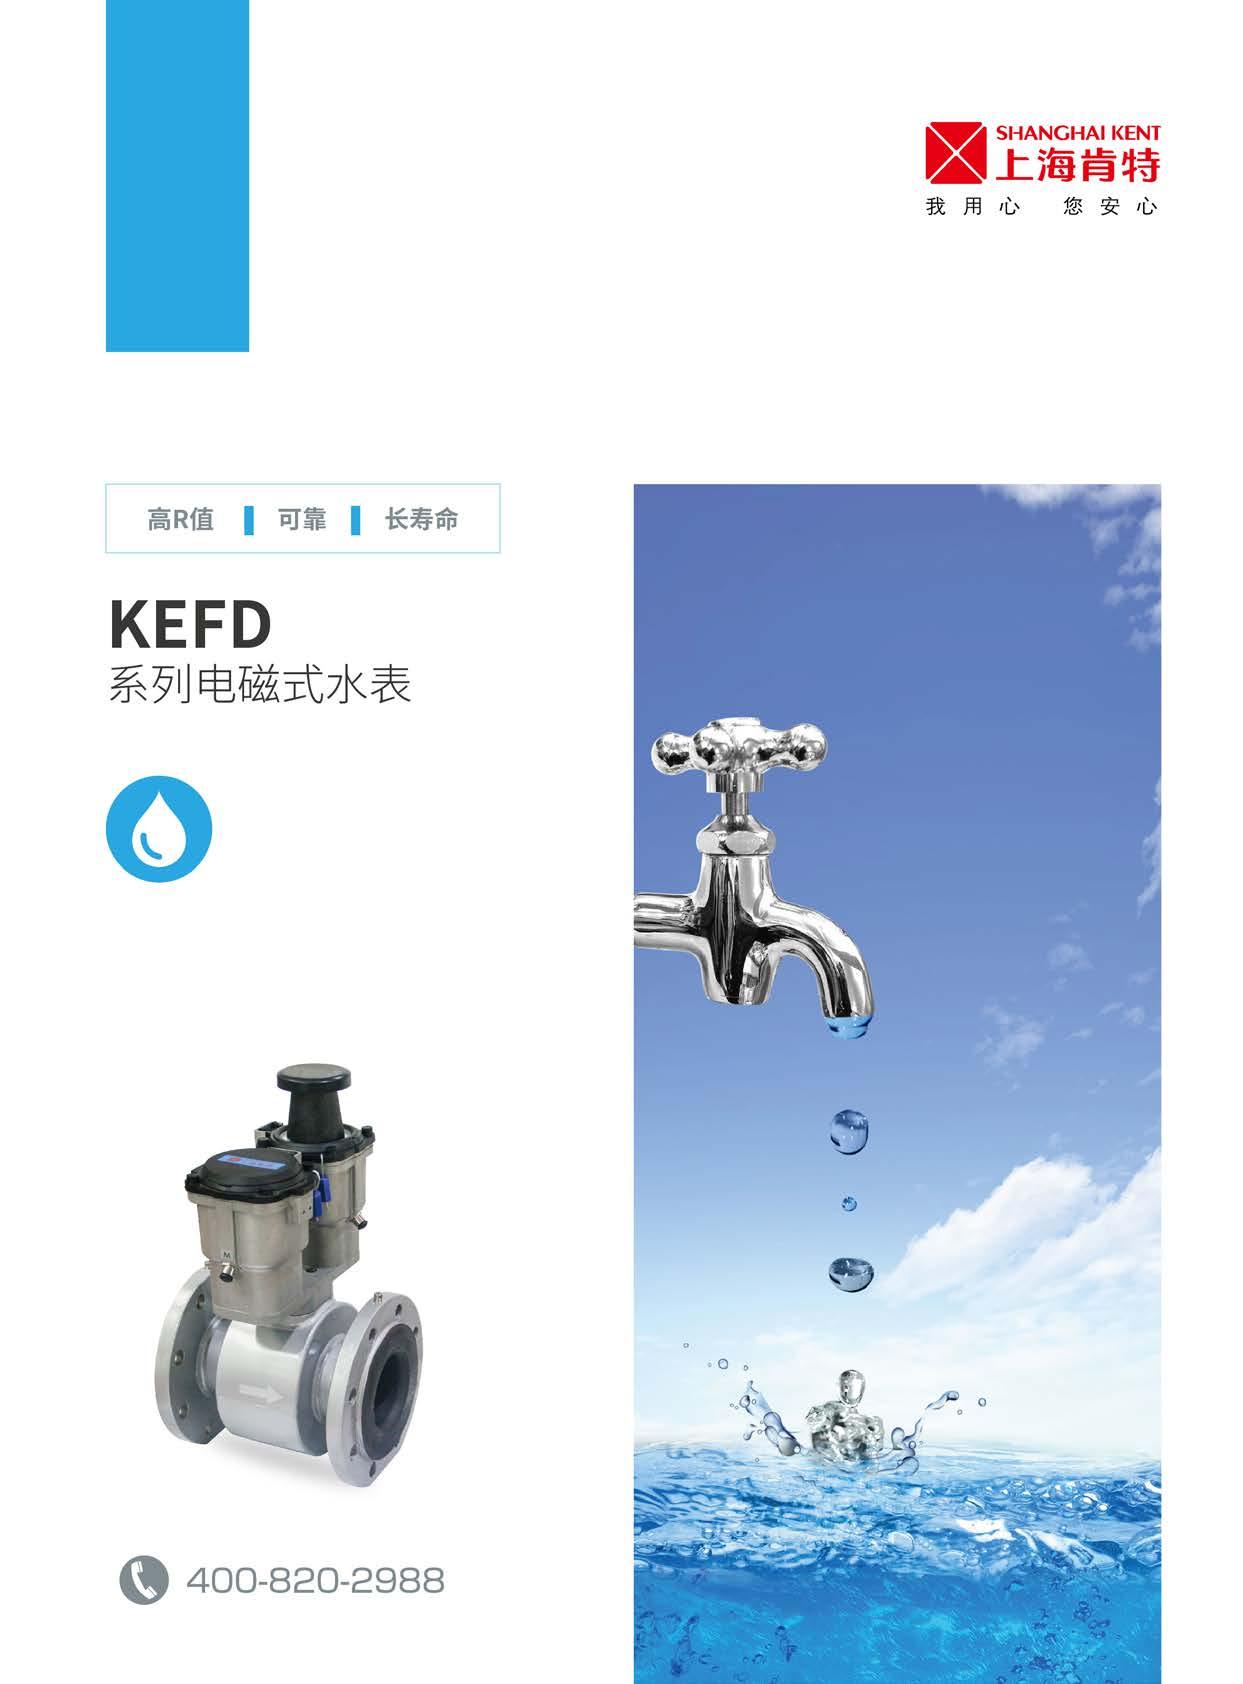 KEFD电磁水表